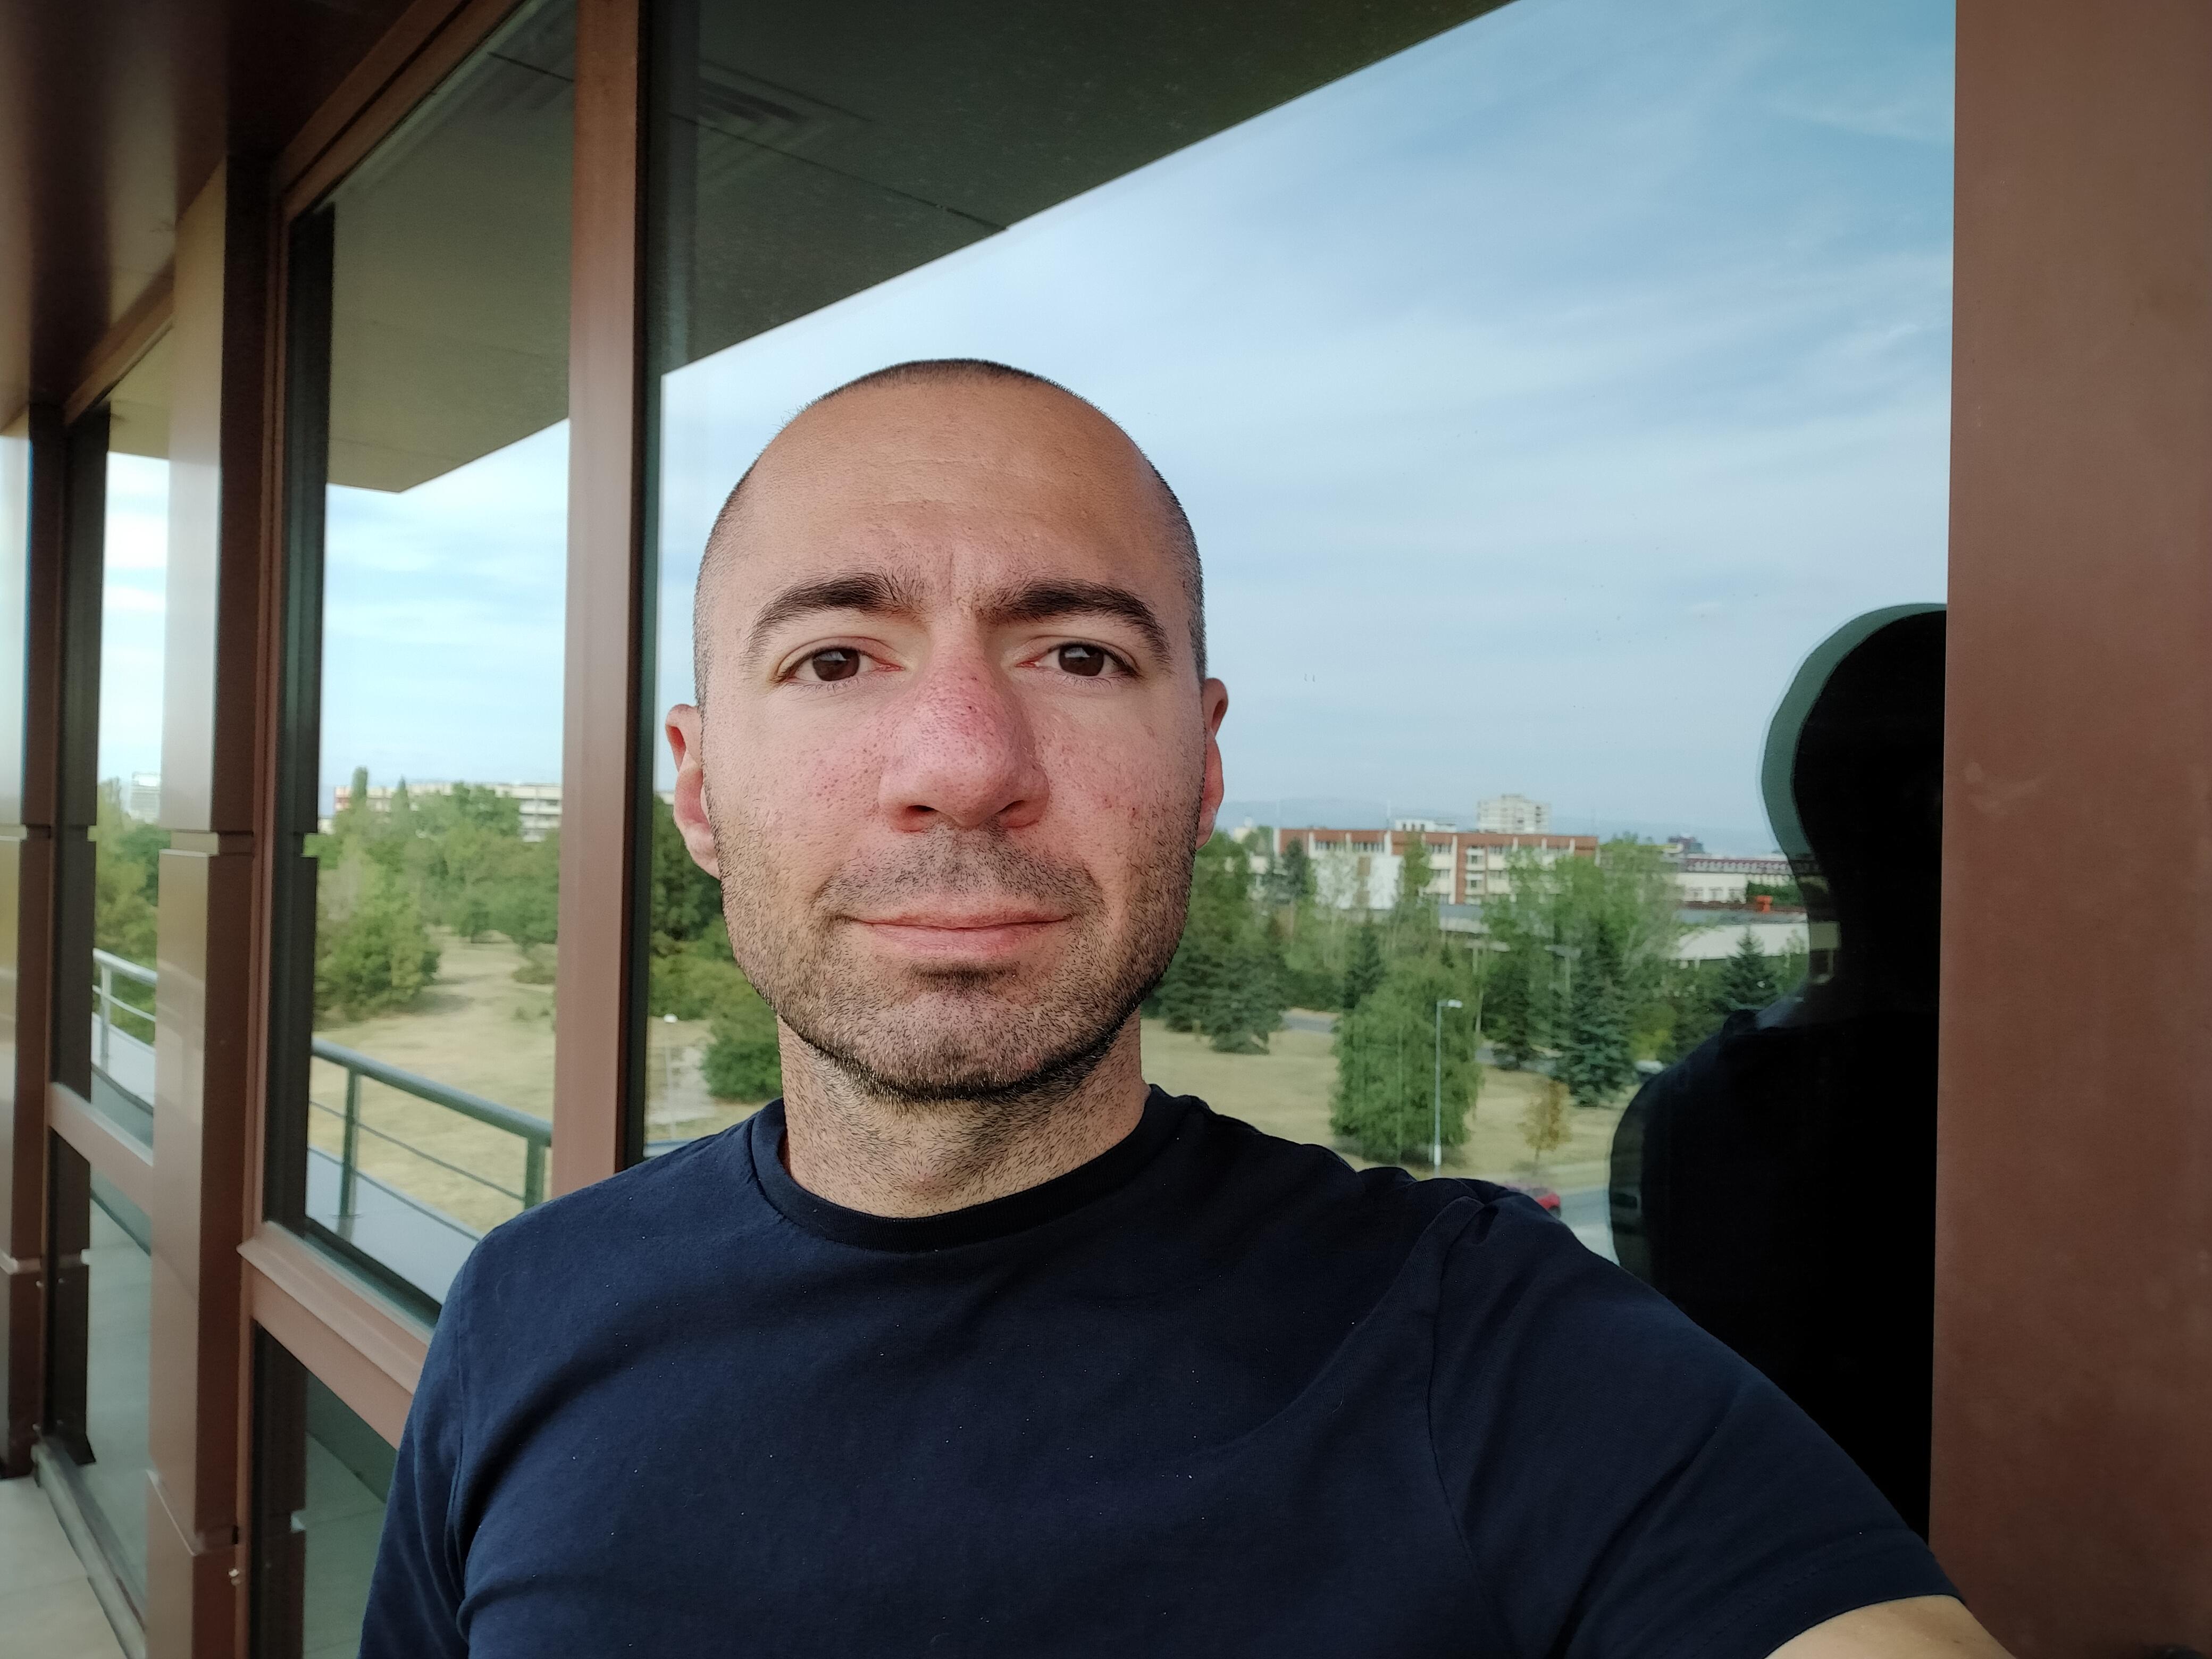 Sforum - Trang thông tin công nghệ mới nhất gsmarena_114 Đánh giá Realme 5: Thiết kế cao cấp, họa tiết lưng đẹp mắt, 4 camera linh hoạt, giá chỉ 3,990,000 đồng